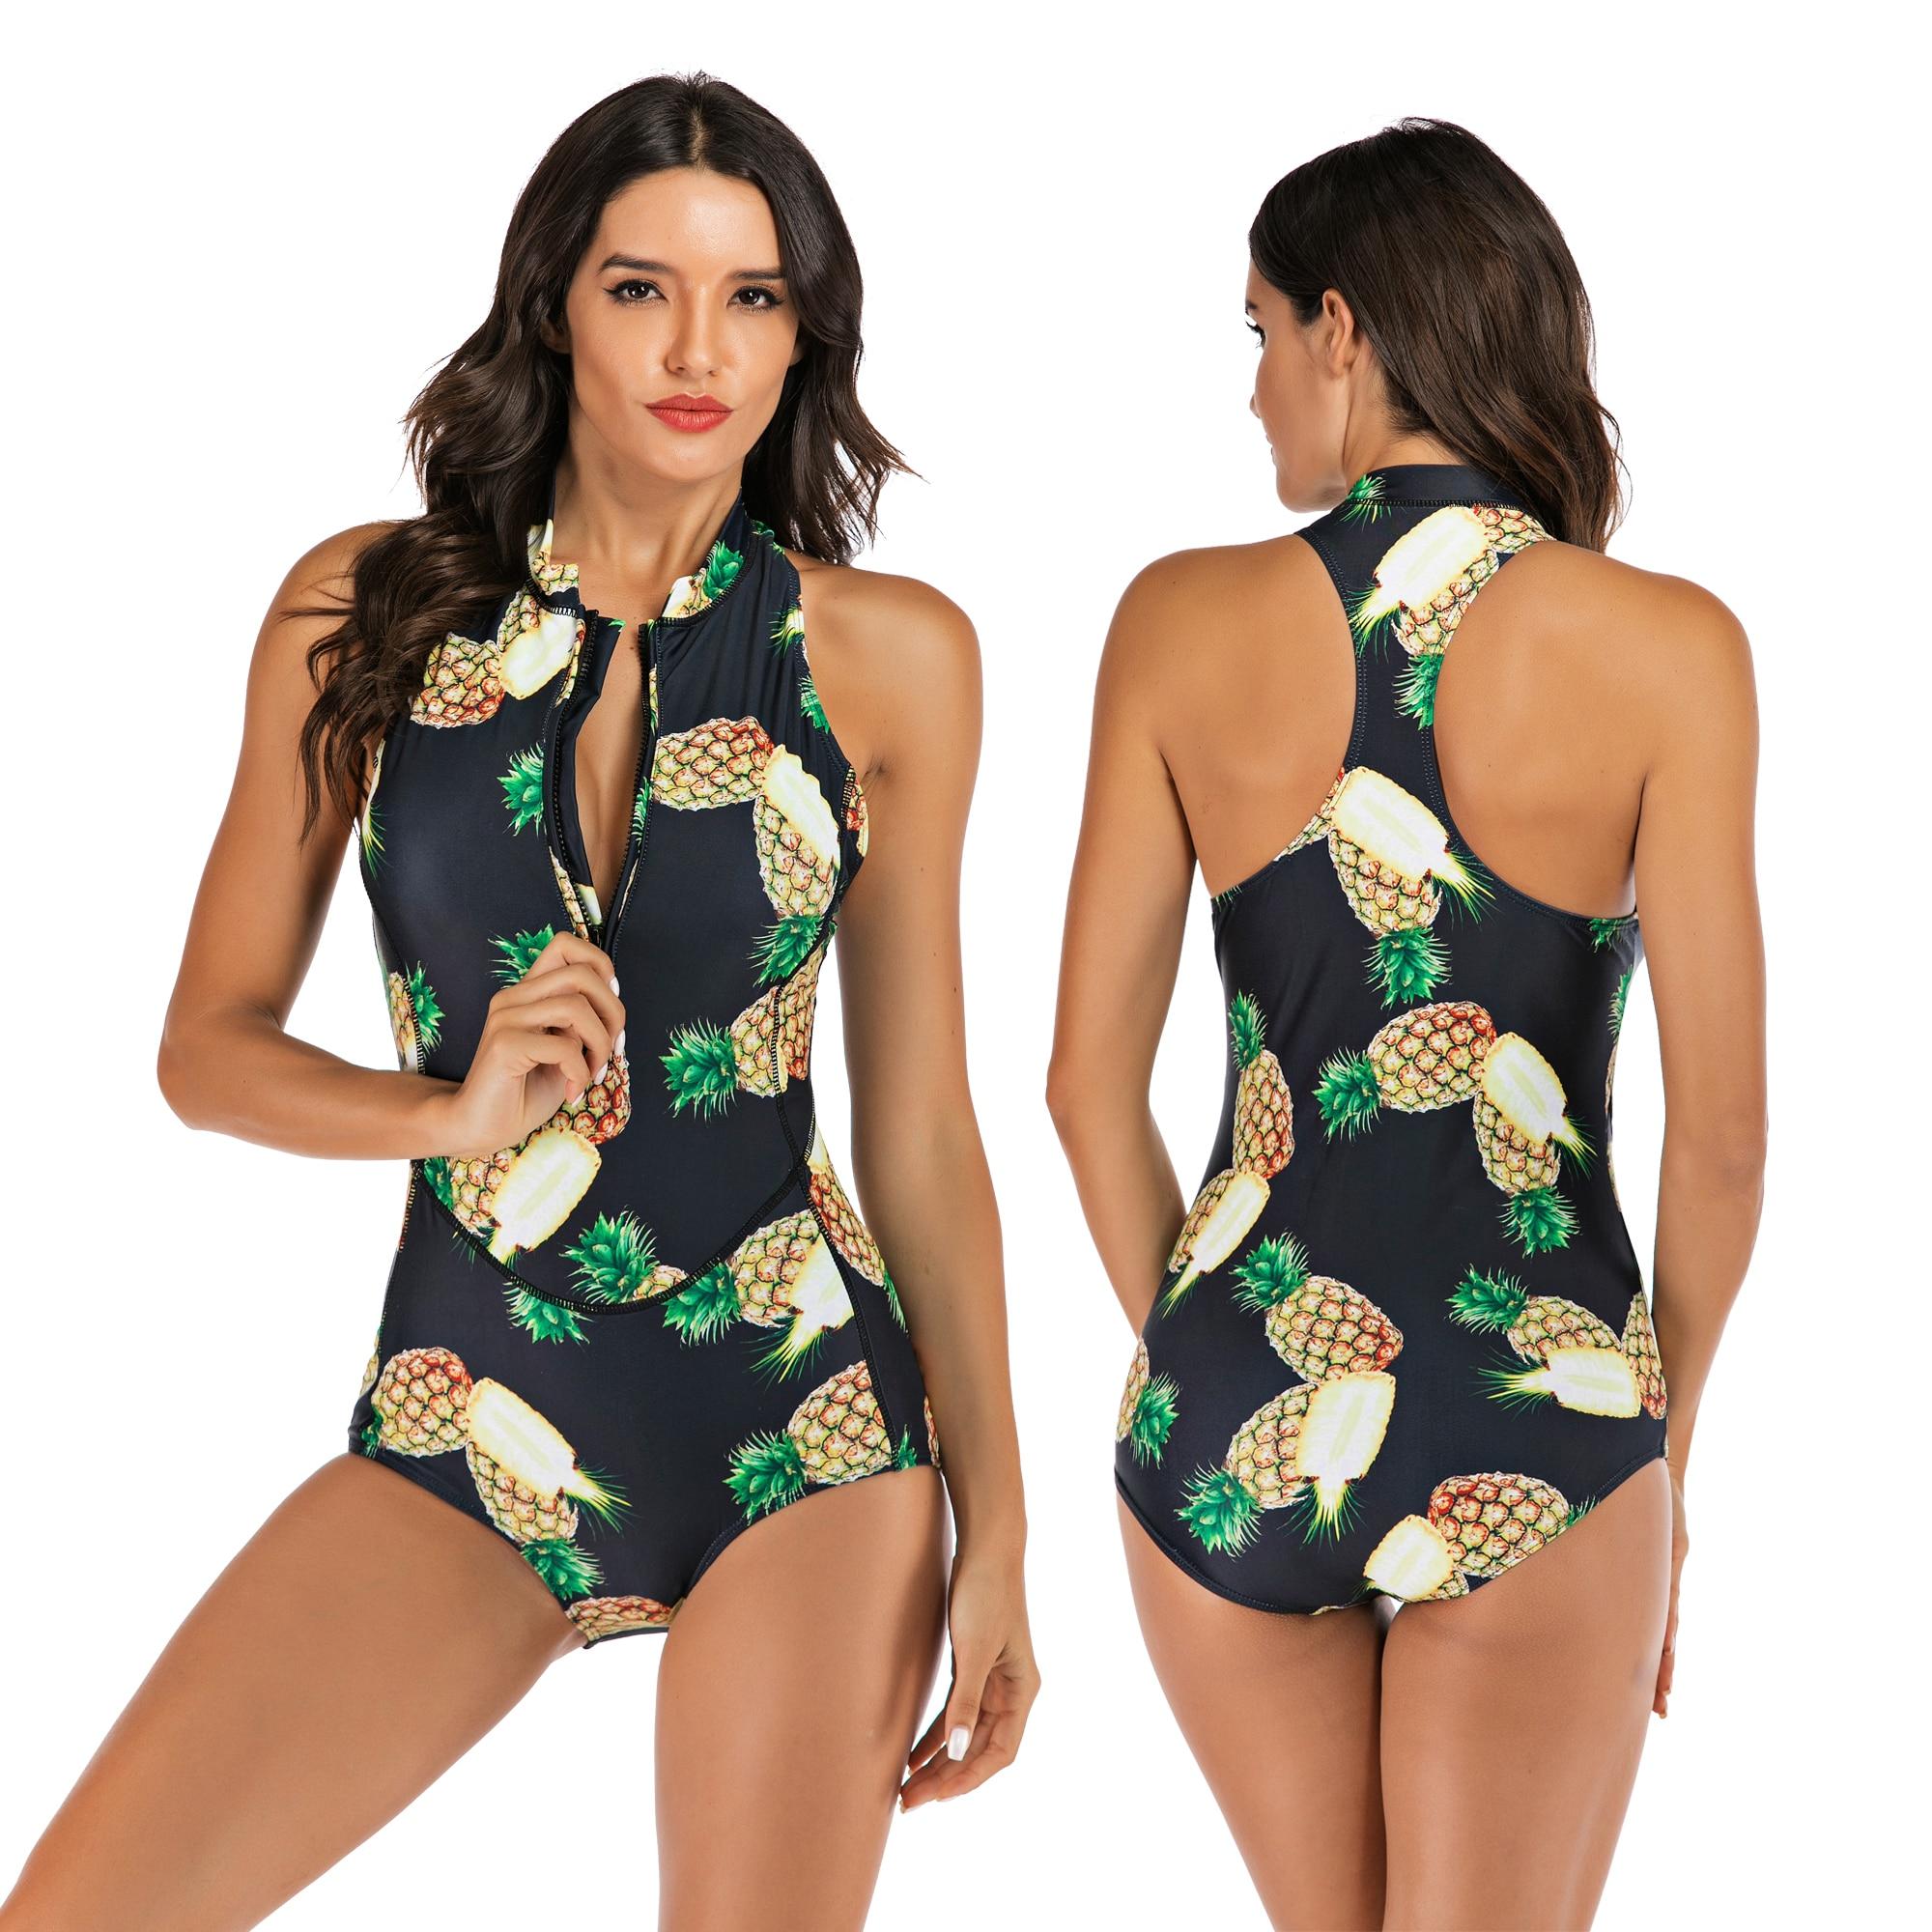 Бикини с высокой талией 2019, купальник Mujer, Женская леопардовая одежда для плавания, женский купальный костюм из 2 частей, комплект бикини, вин... 25